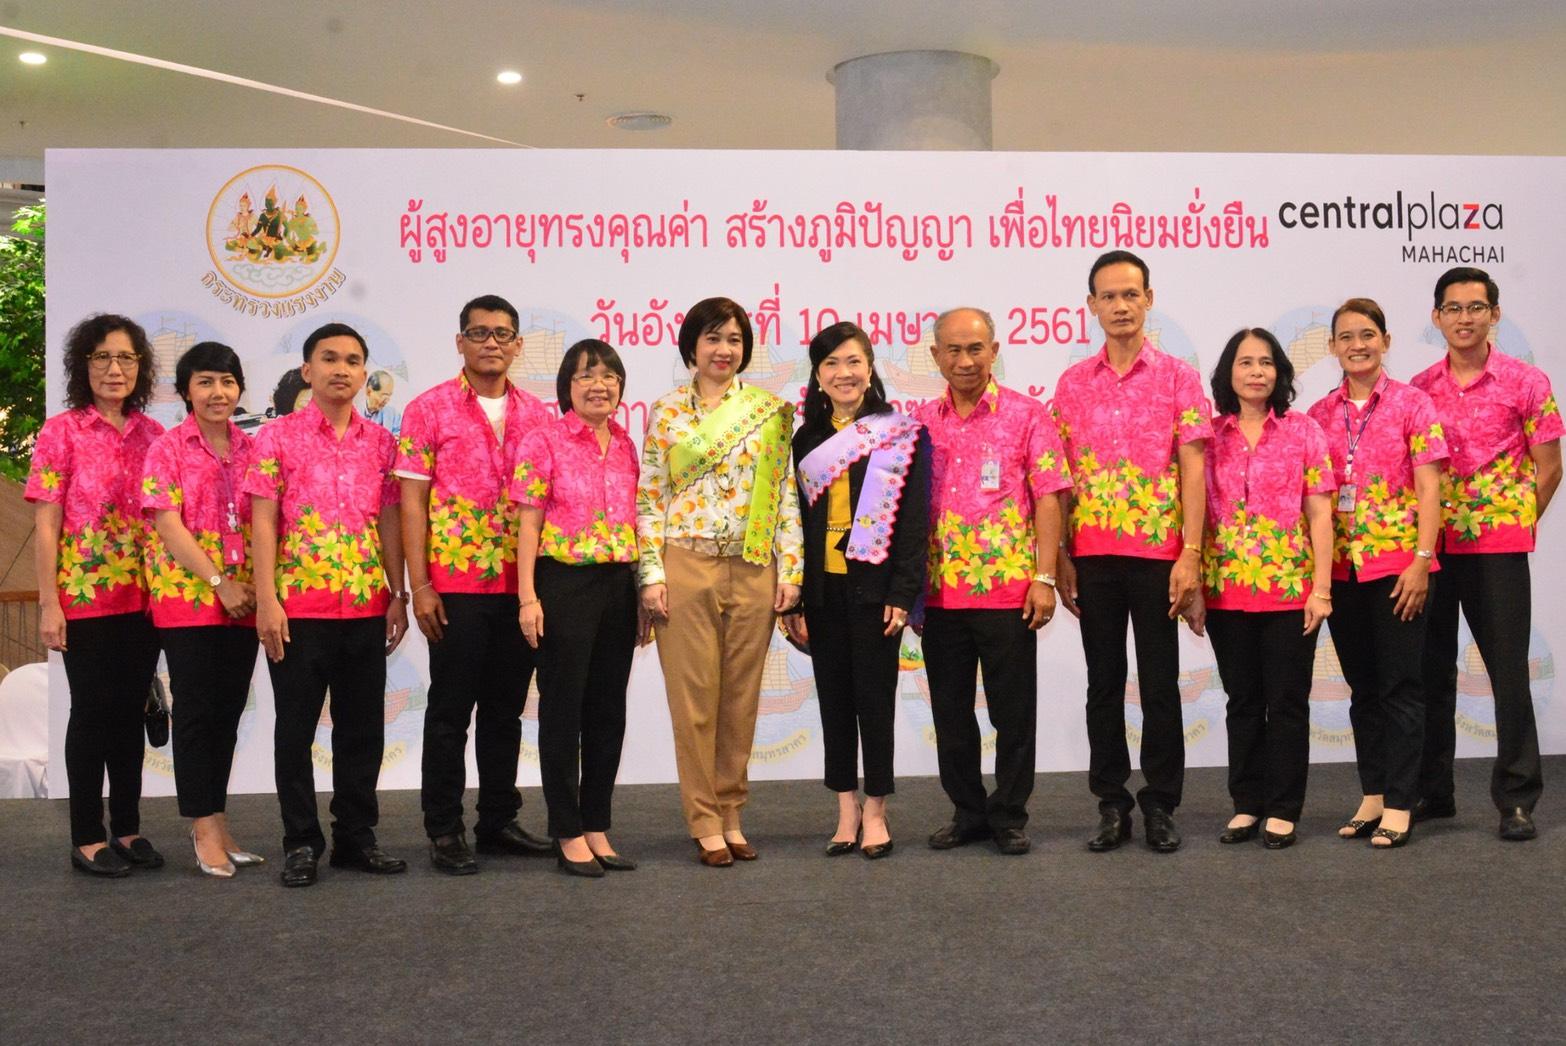 """กกจ. จัดงาน """"ผู้สูงอายุทรงคุณค่า สร้างภูมิปัญญา เพื่อไทยนิยมยั่งยืน"""" มุ่งเสริมคุณค่าผู้สูงอายุ"""